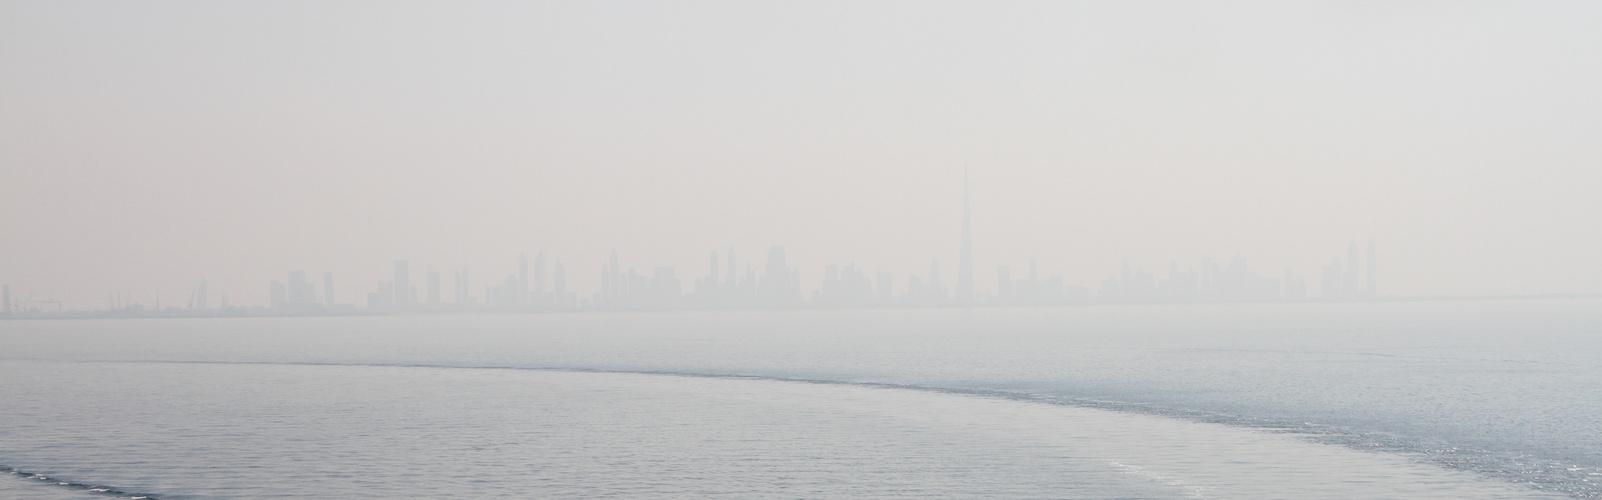 Dubai - Flucht vor der Skyline